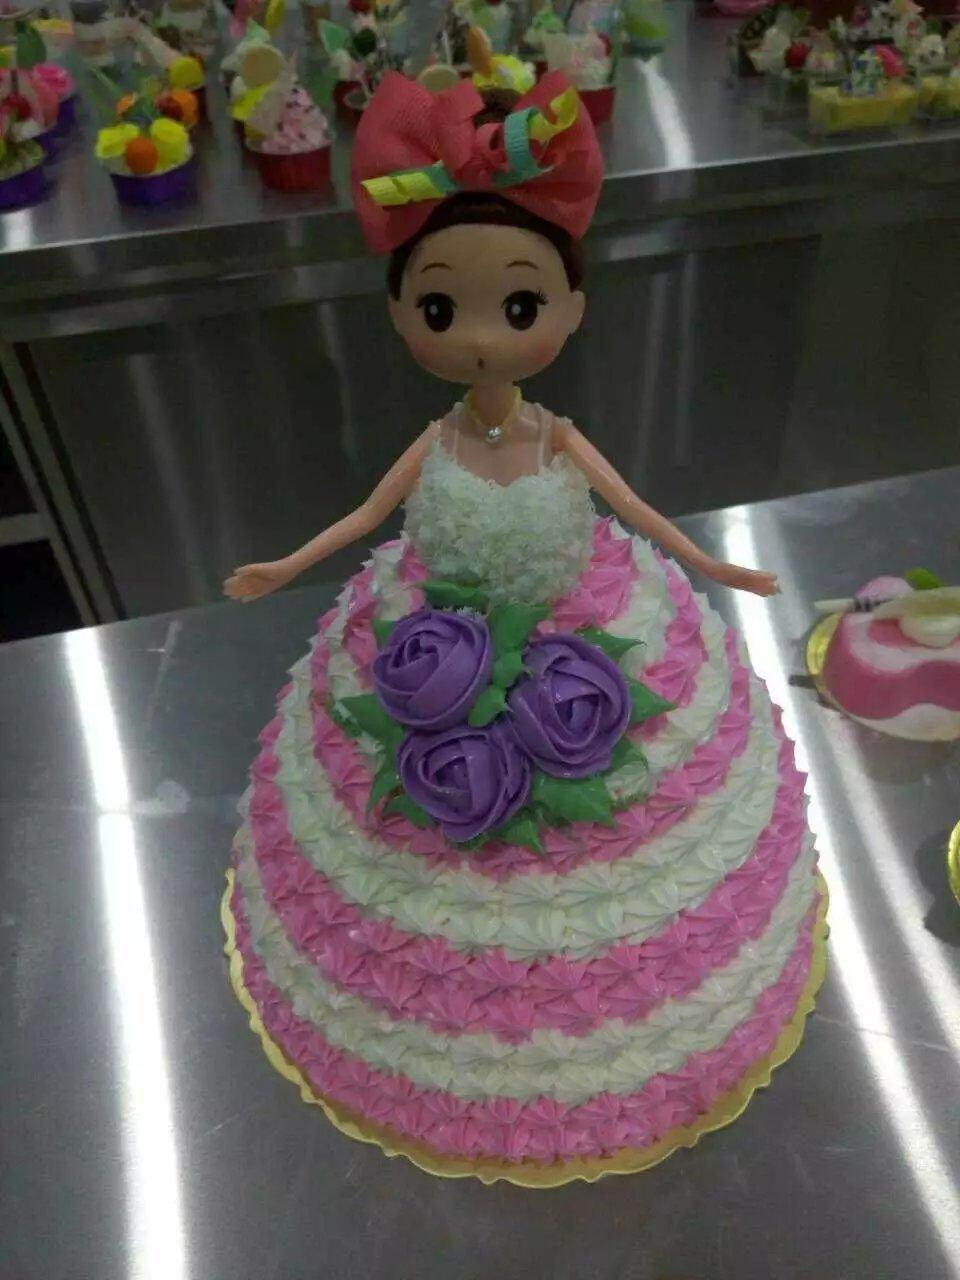 芭比蛋糕的制作方法是什么